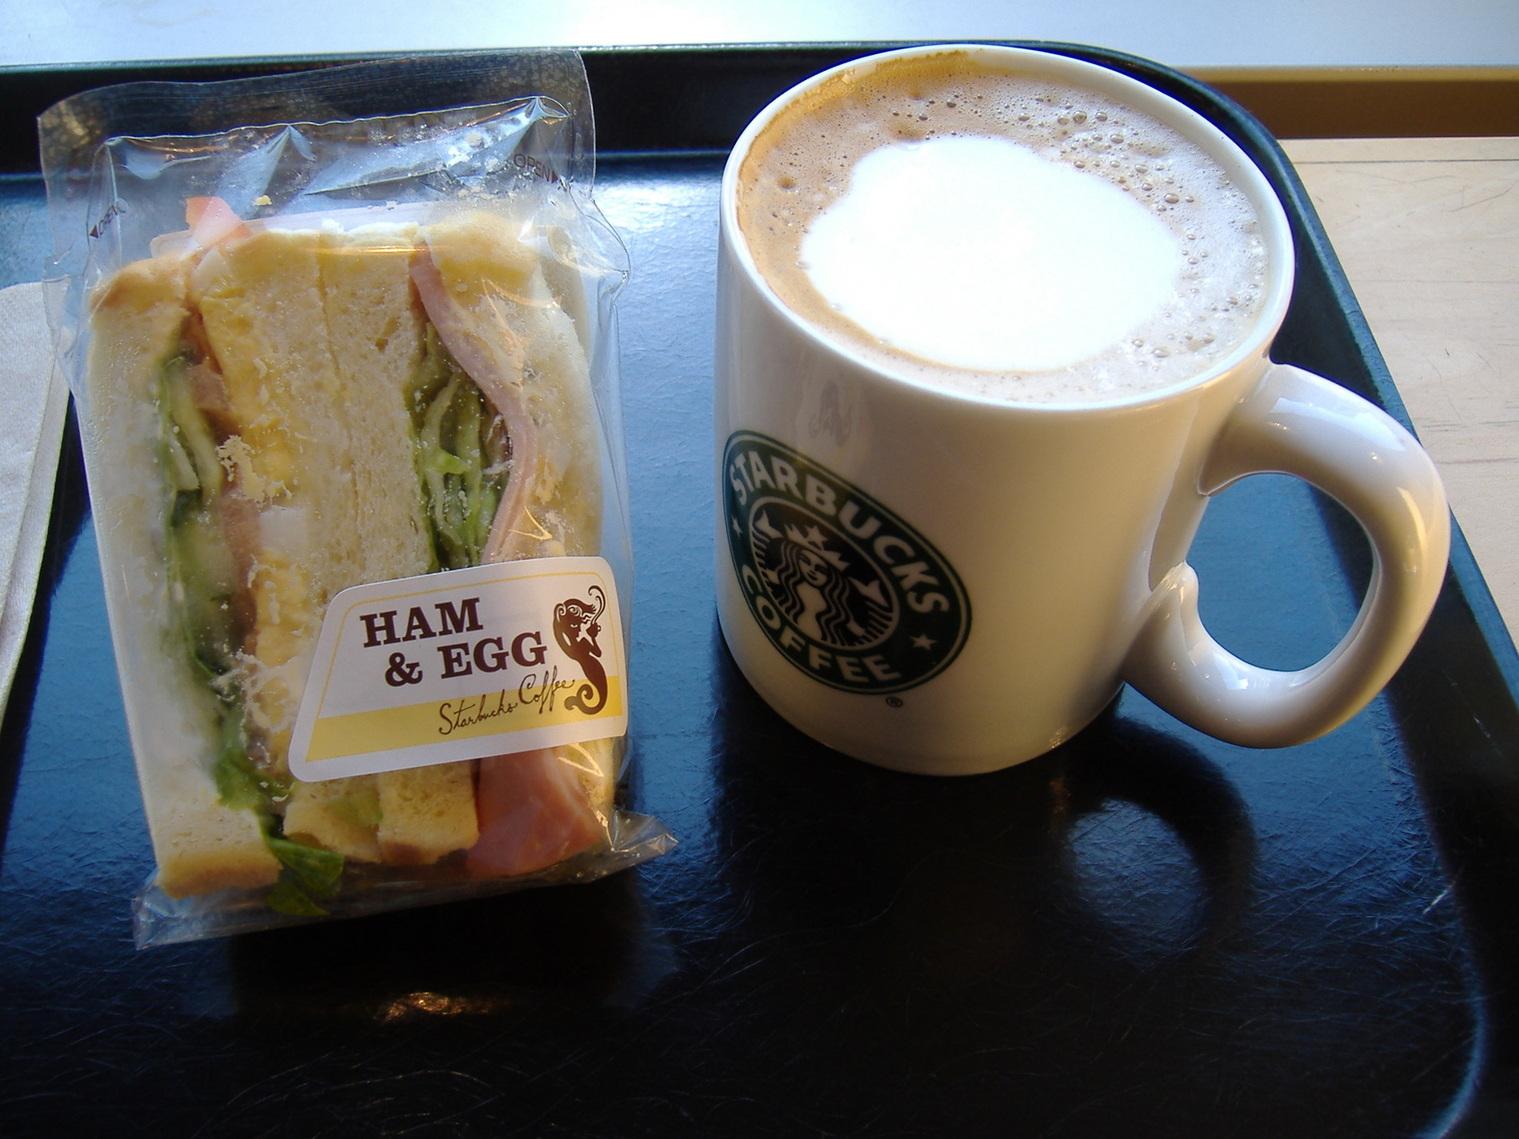 スターバックス・コーヒー 渋谷3丁目店